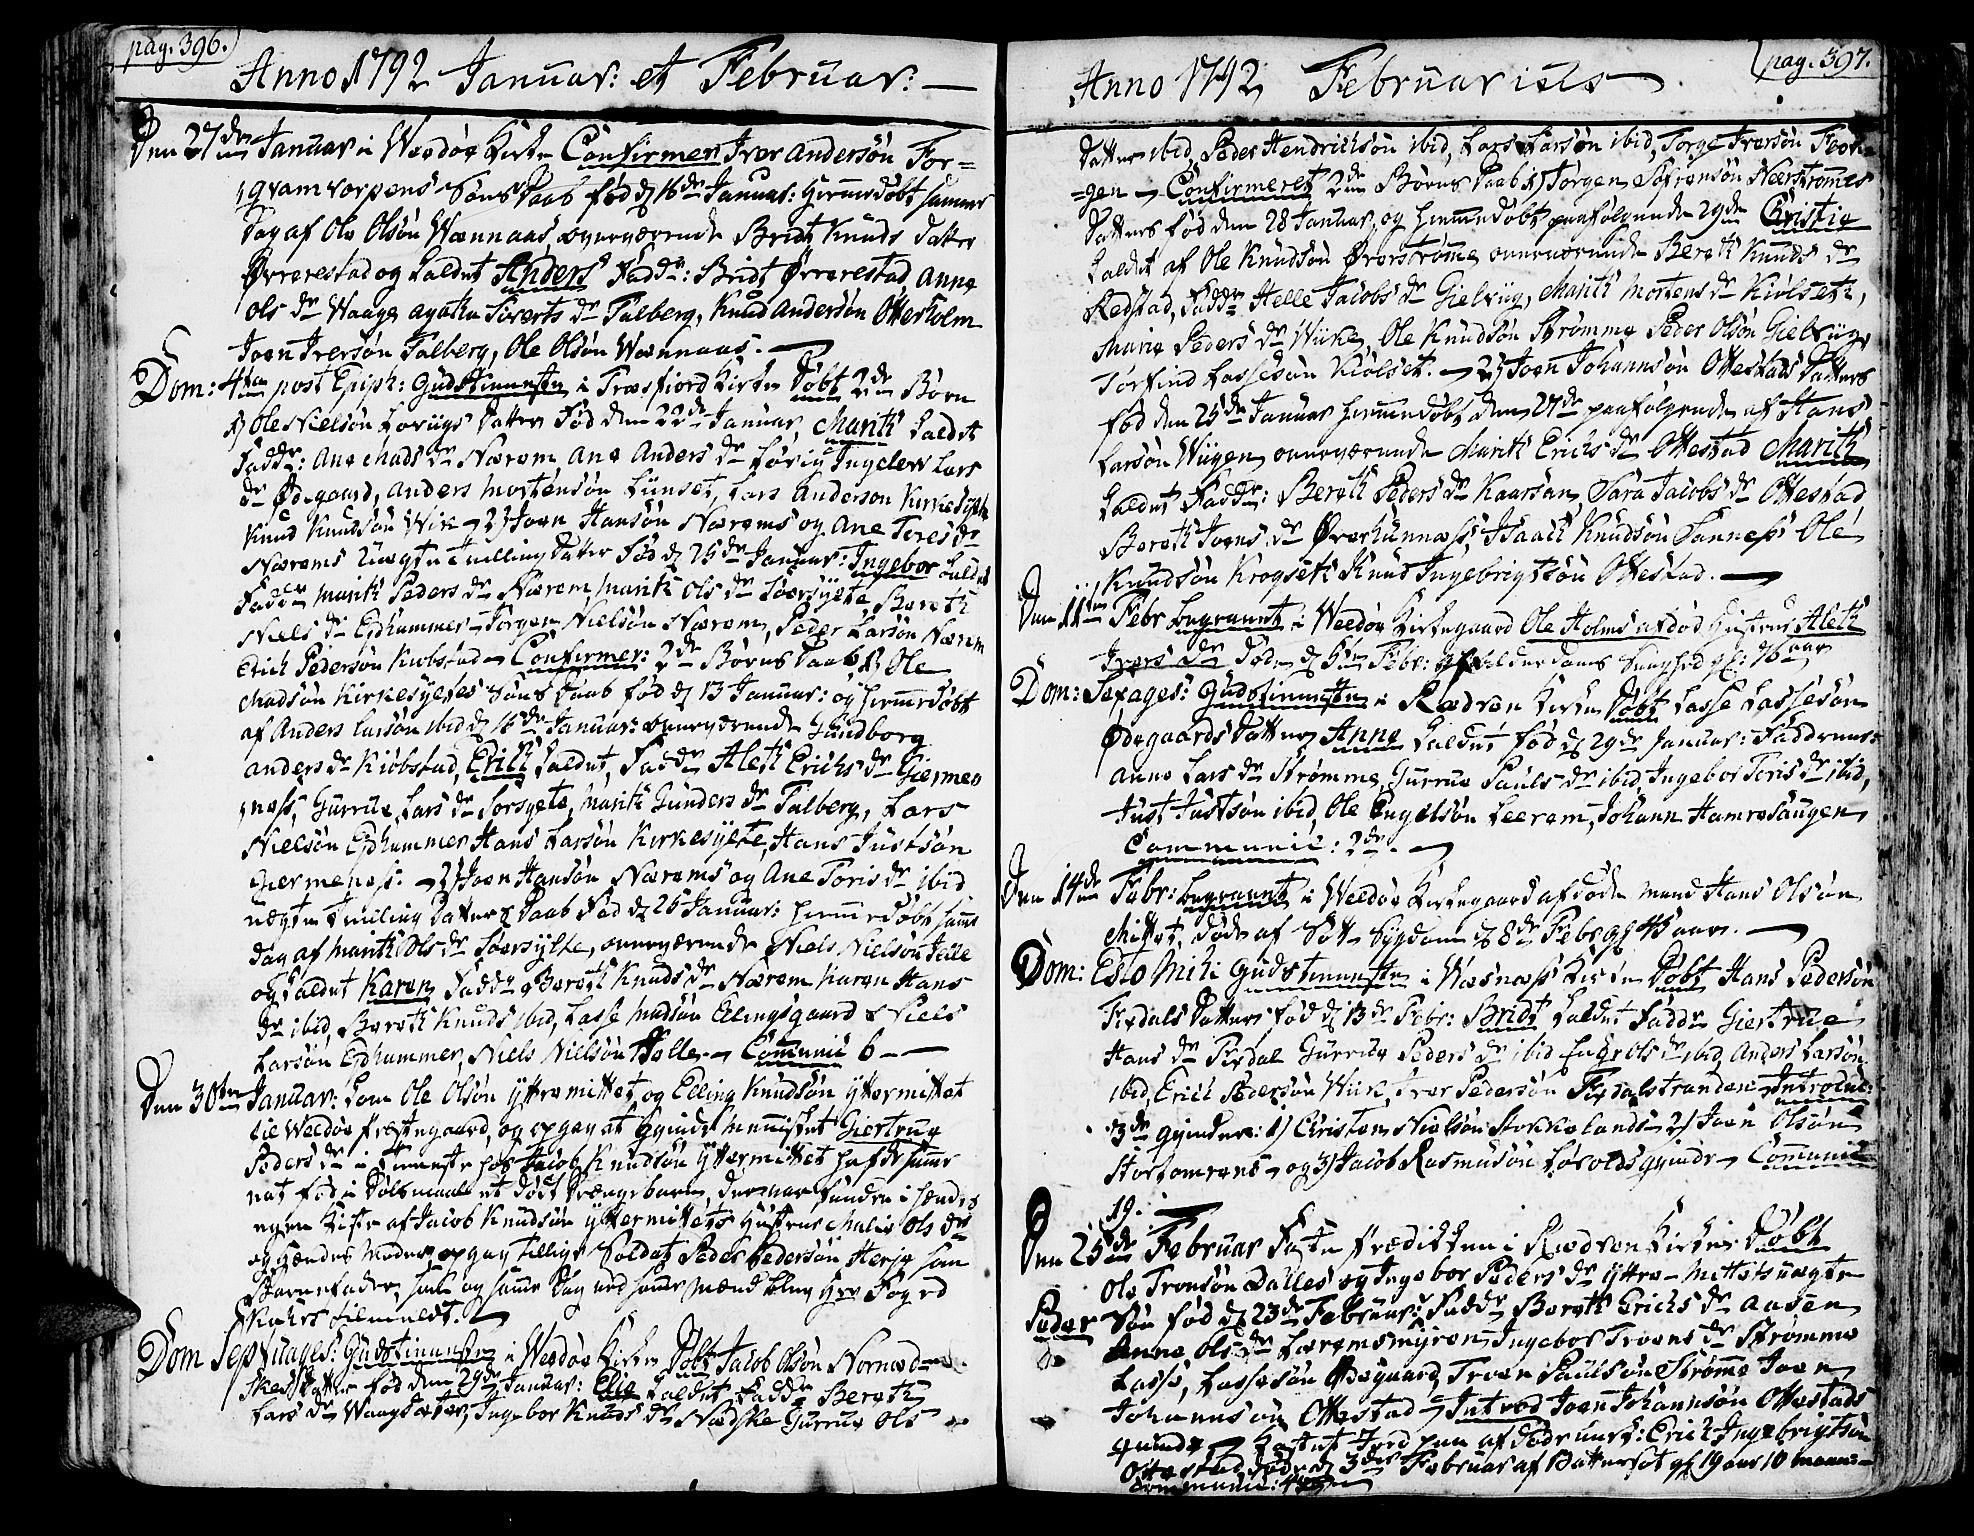 SAT, Ministerialprotokoller, klokkerbøker og fødselsregistre - Møre og Romsdal, 547/L0600: Ministerialbok nr. 547A02, 1765-1799, s. 396-397